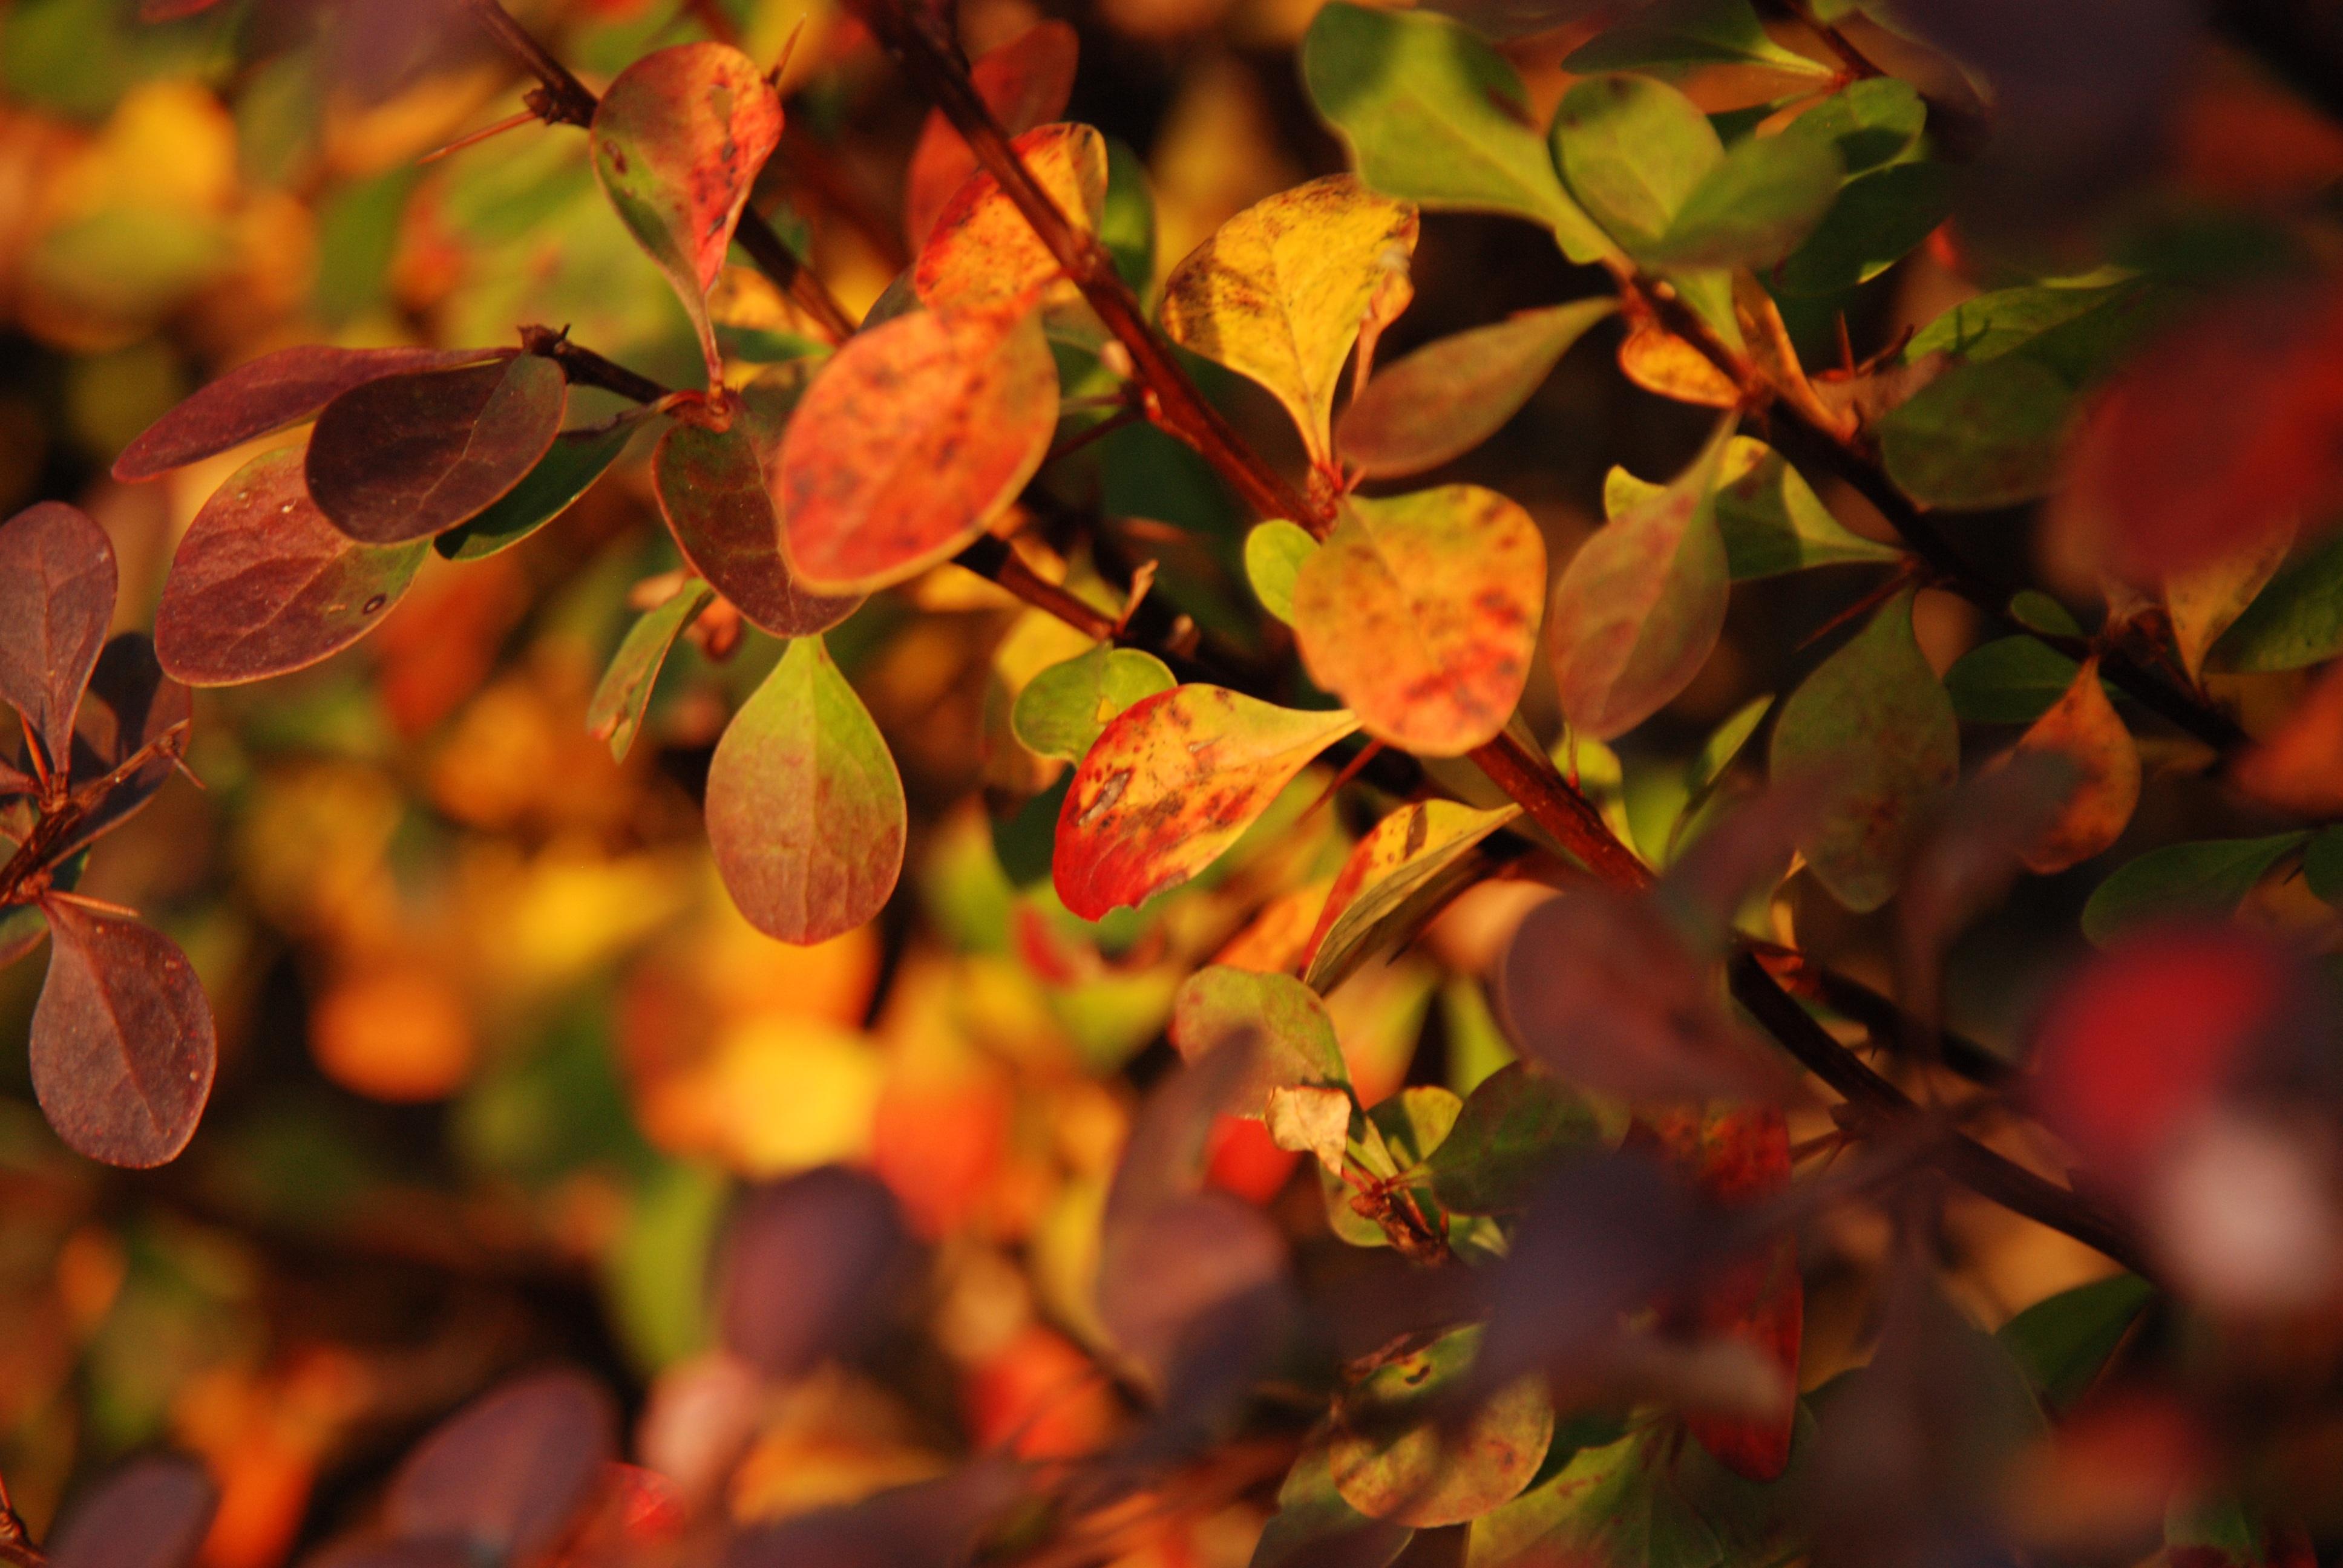 Fotos gratis : árbol, naturaleza, rama, luz de sol, hoja, flor ...